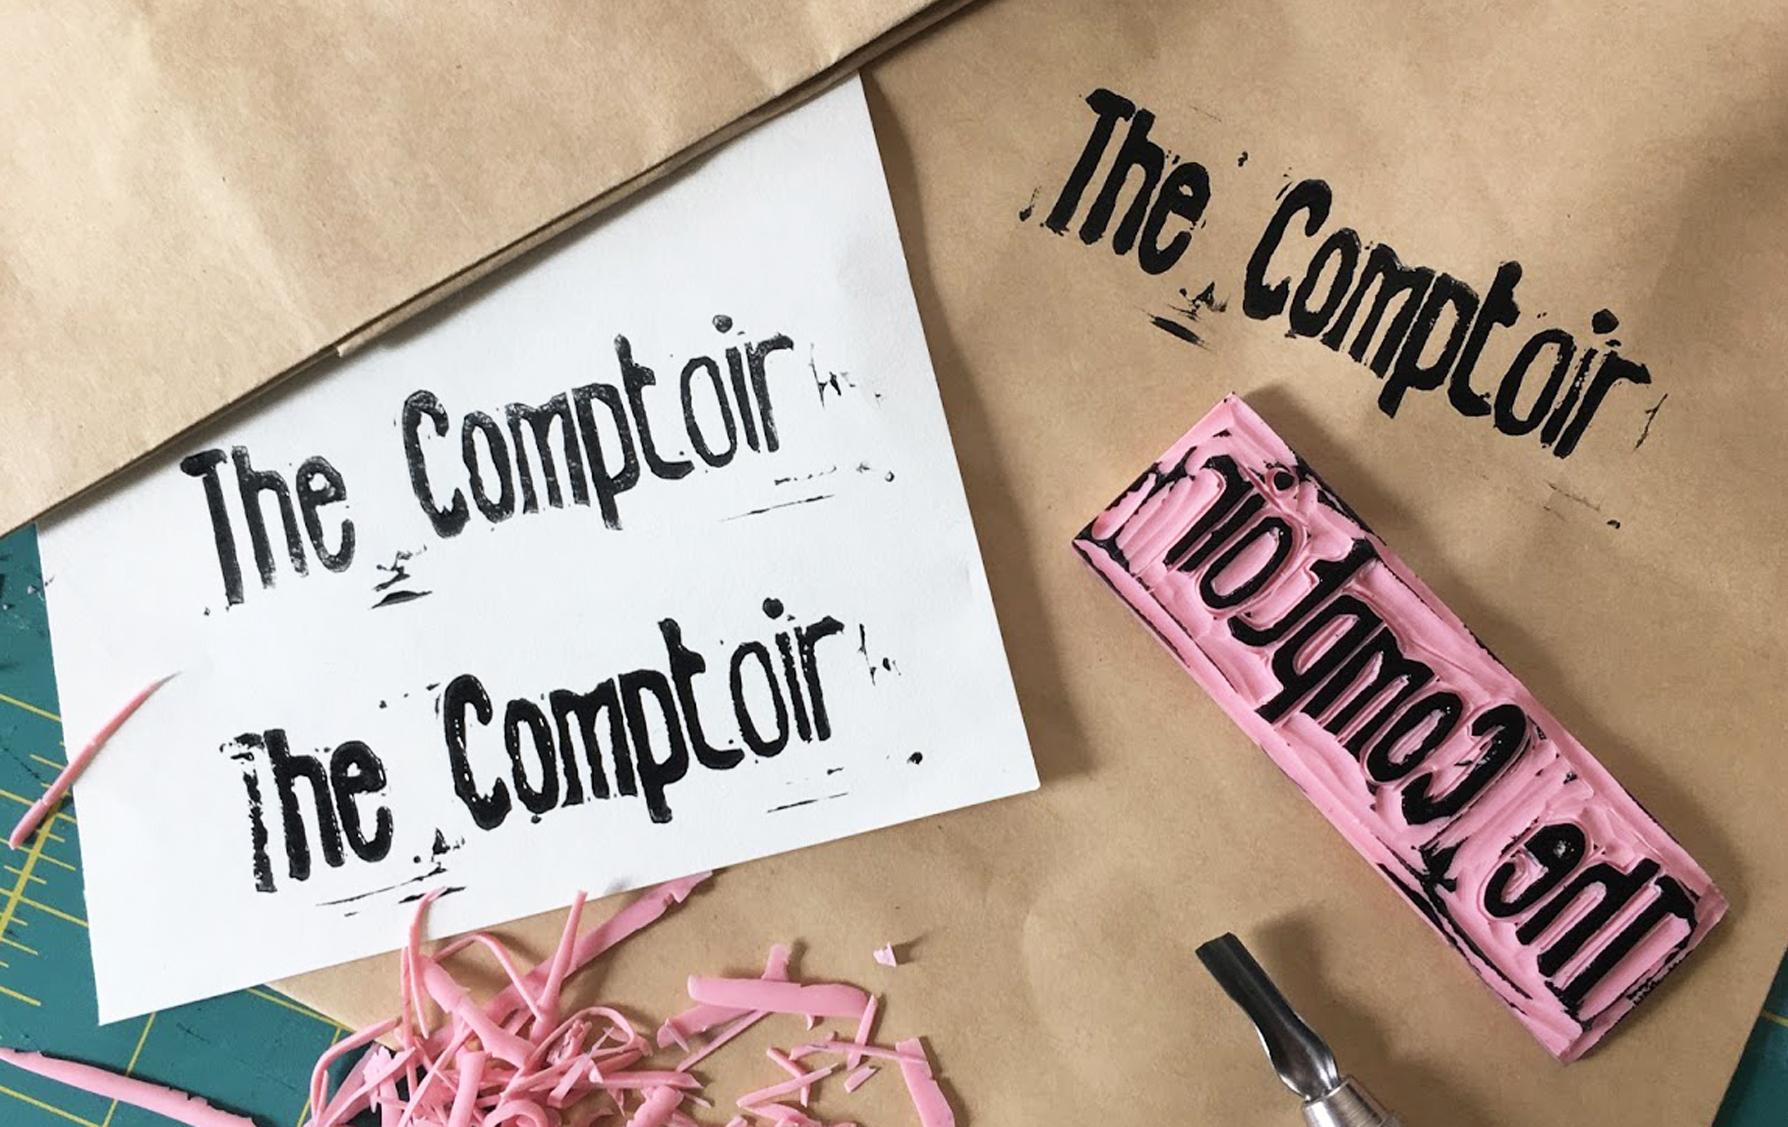 TheComptoir en lino gravure